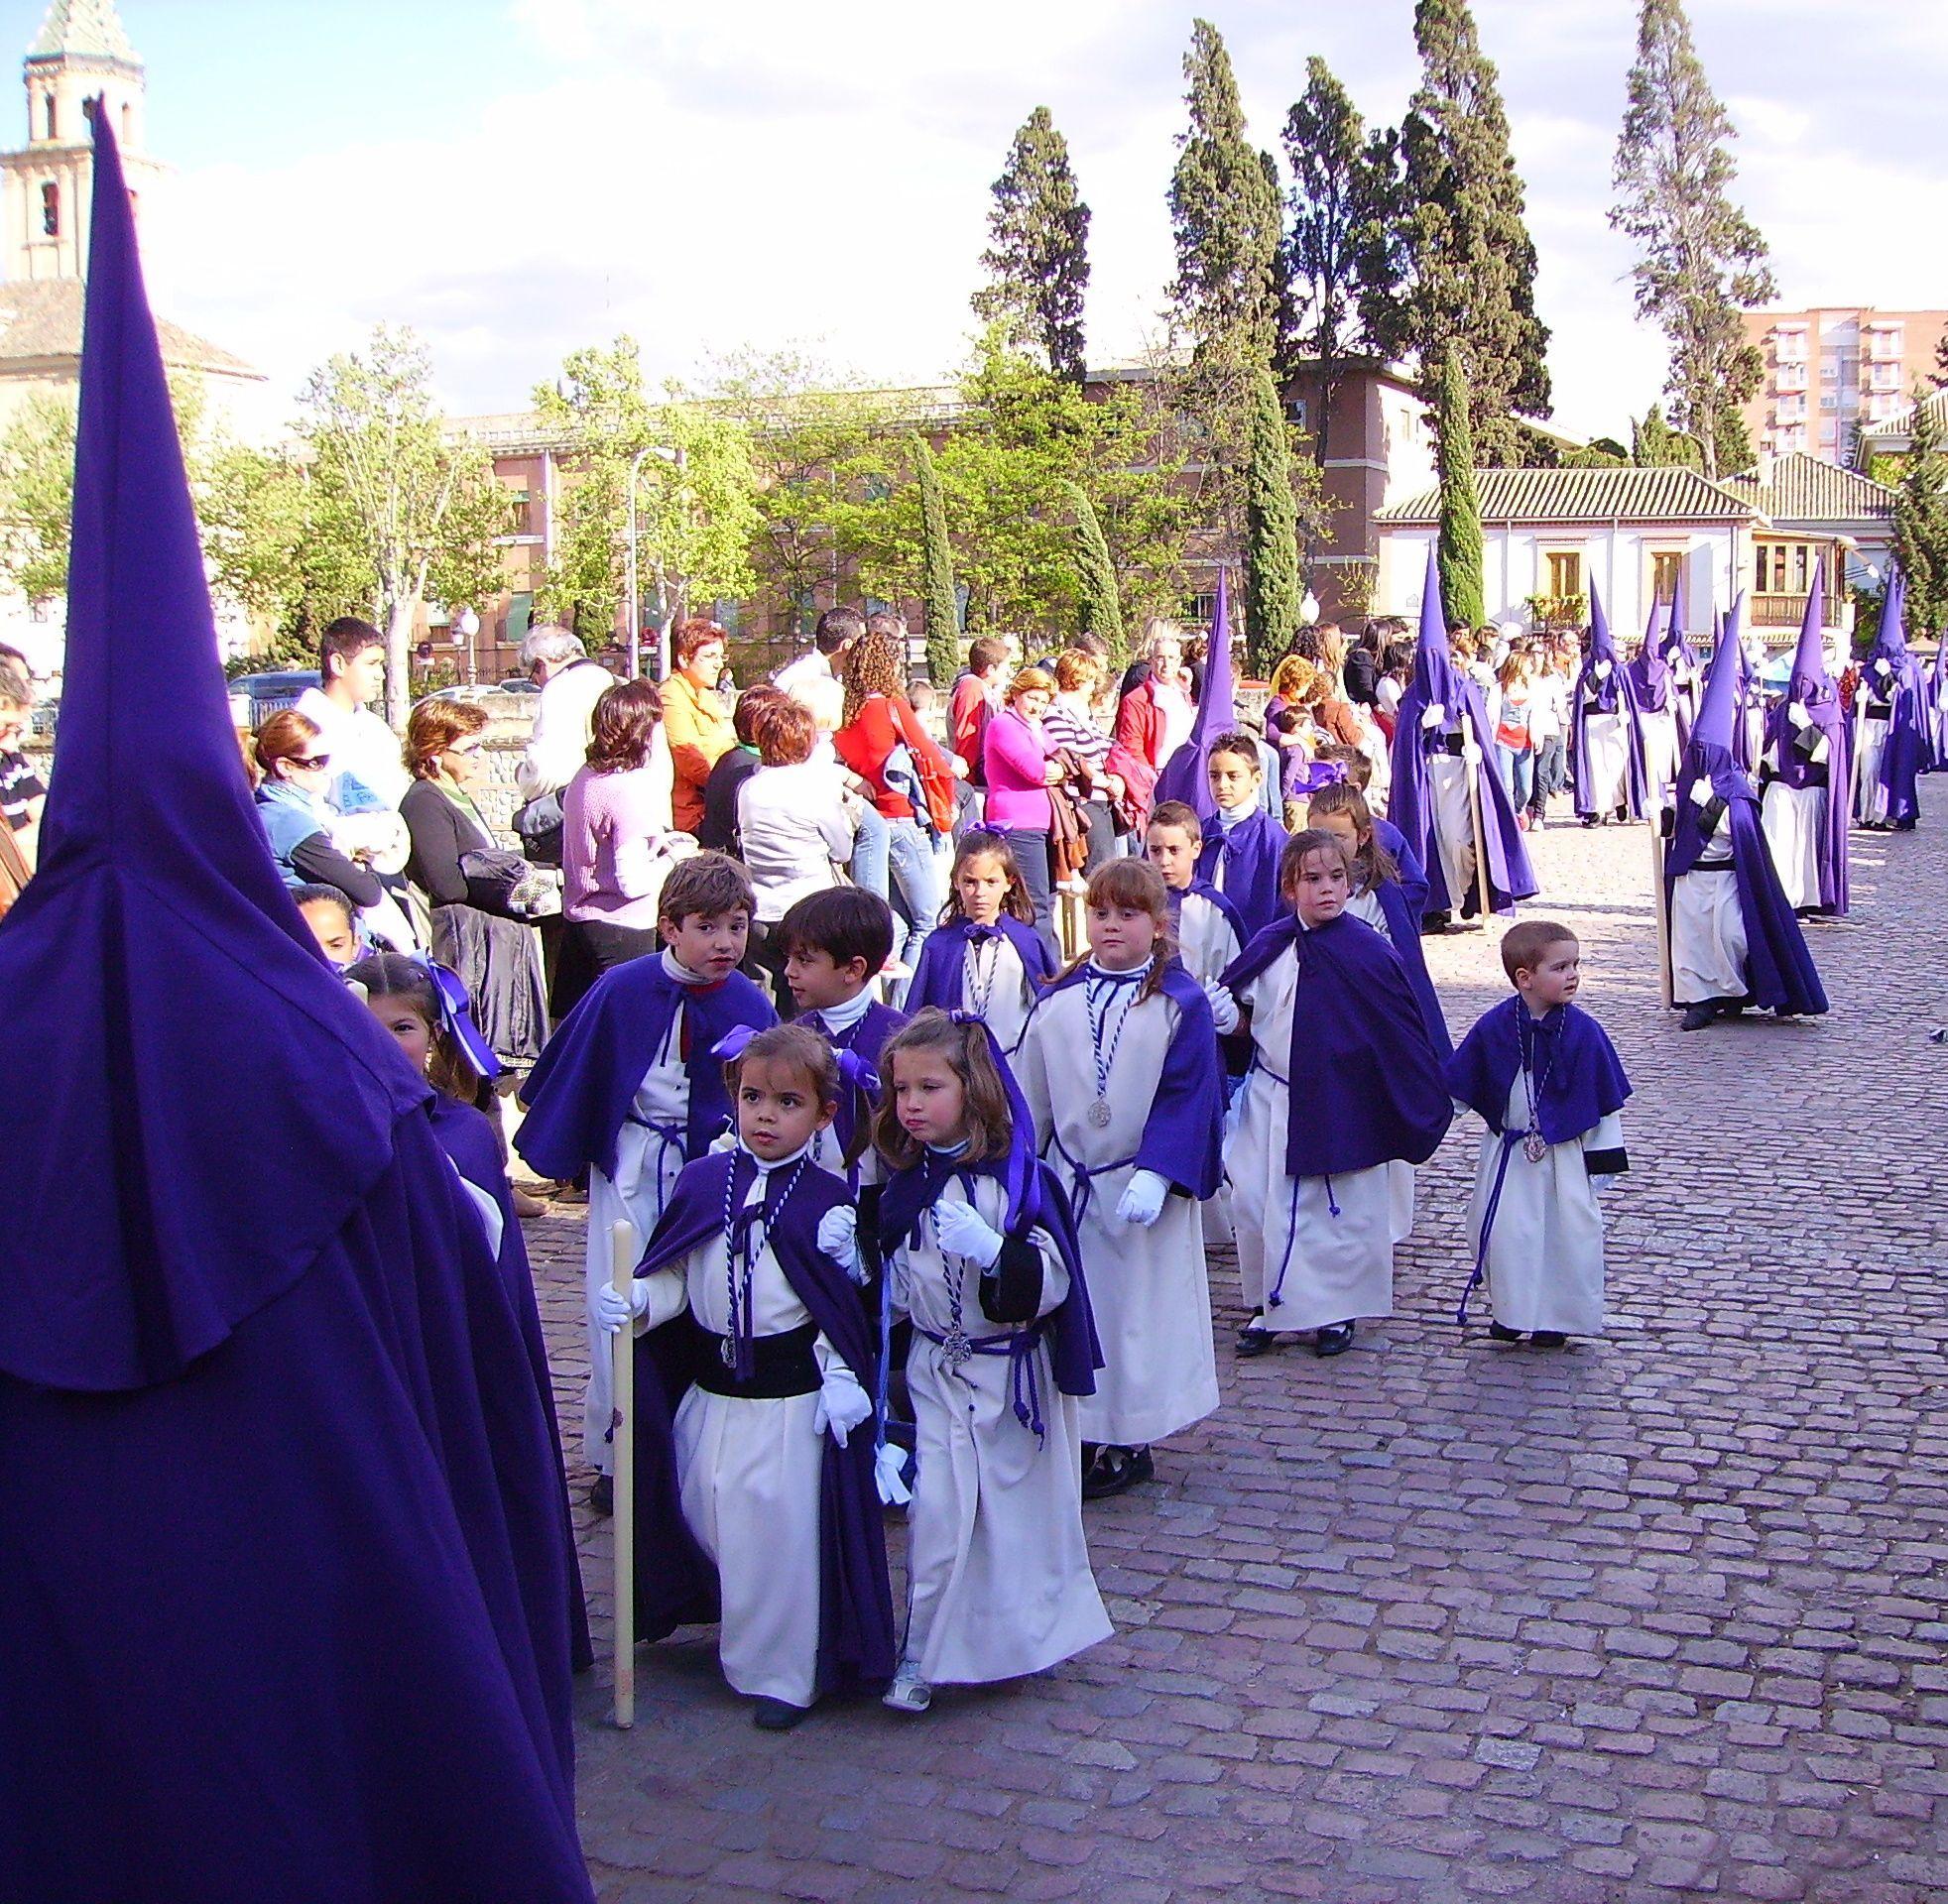 Niños nazarenos en procesión